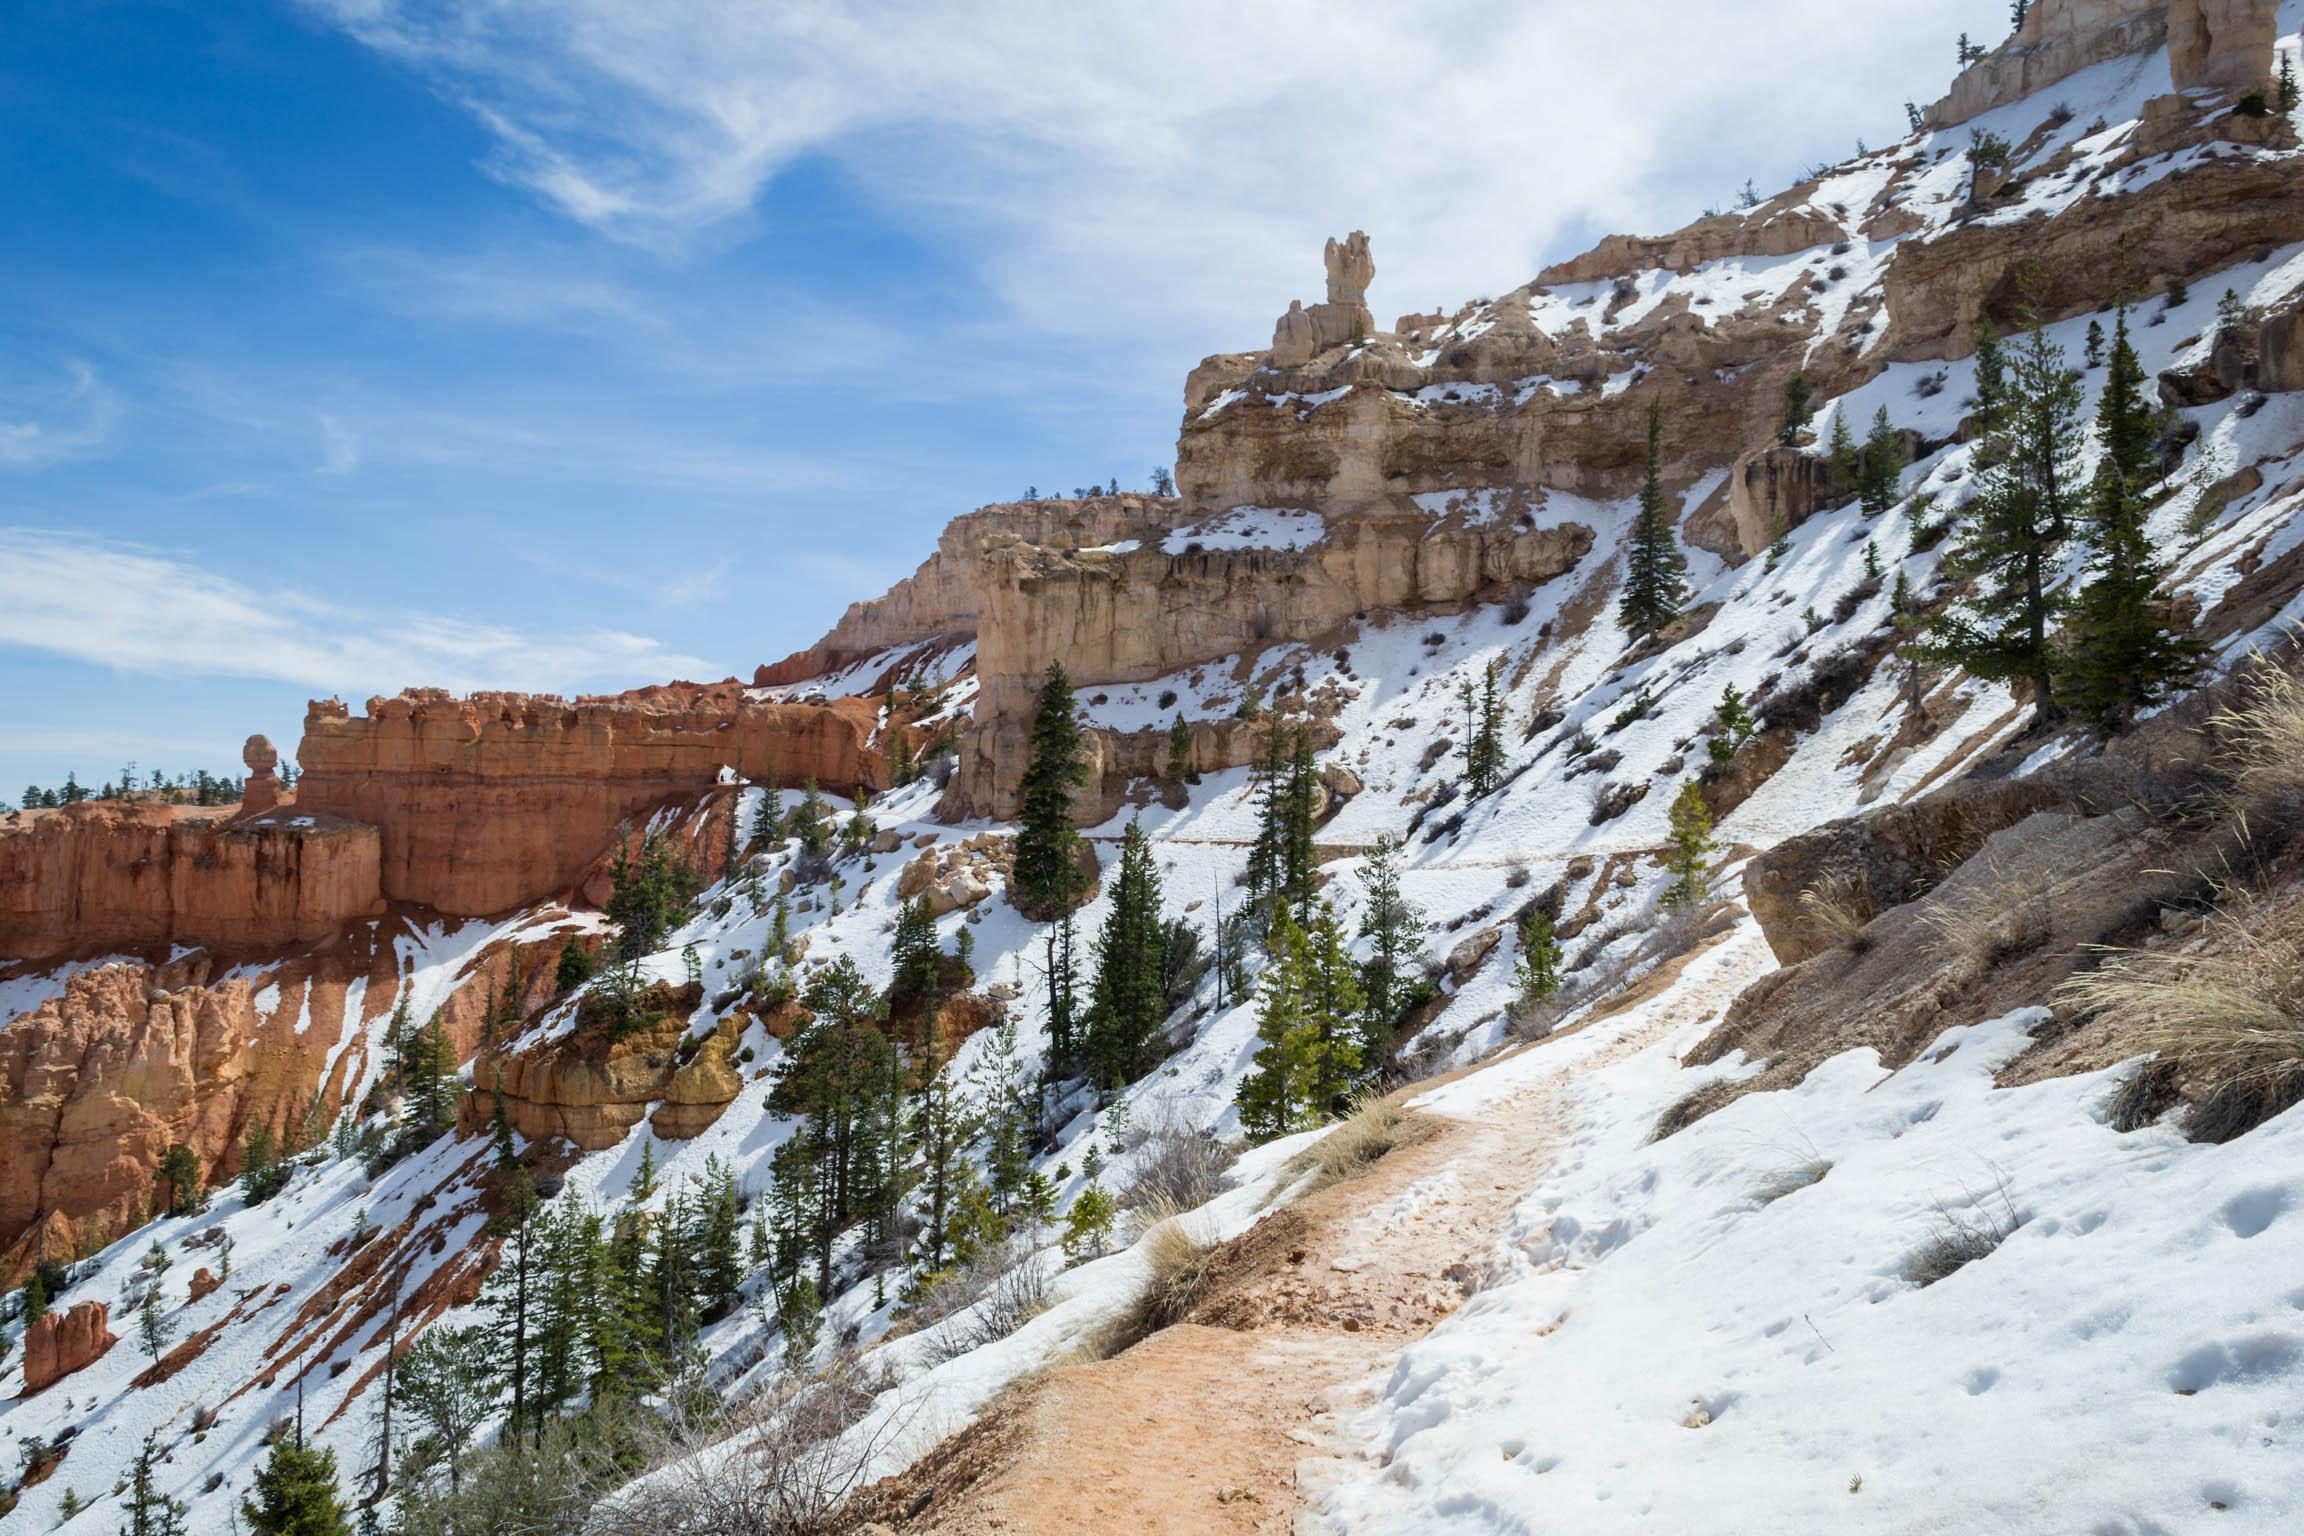 Le sentier est encore recouvert de neige par endroits, les glissades sont nombreuses !